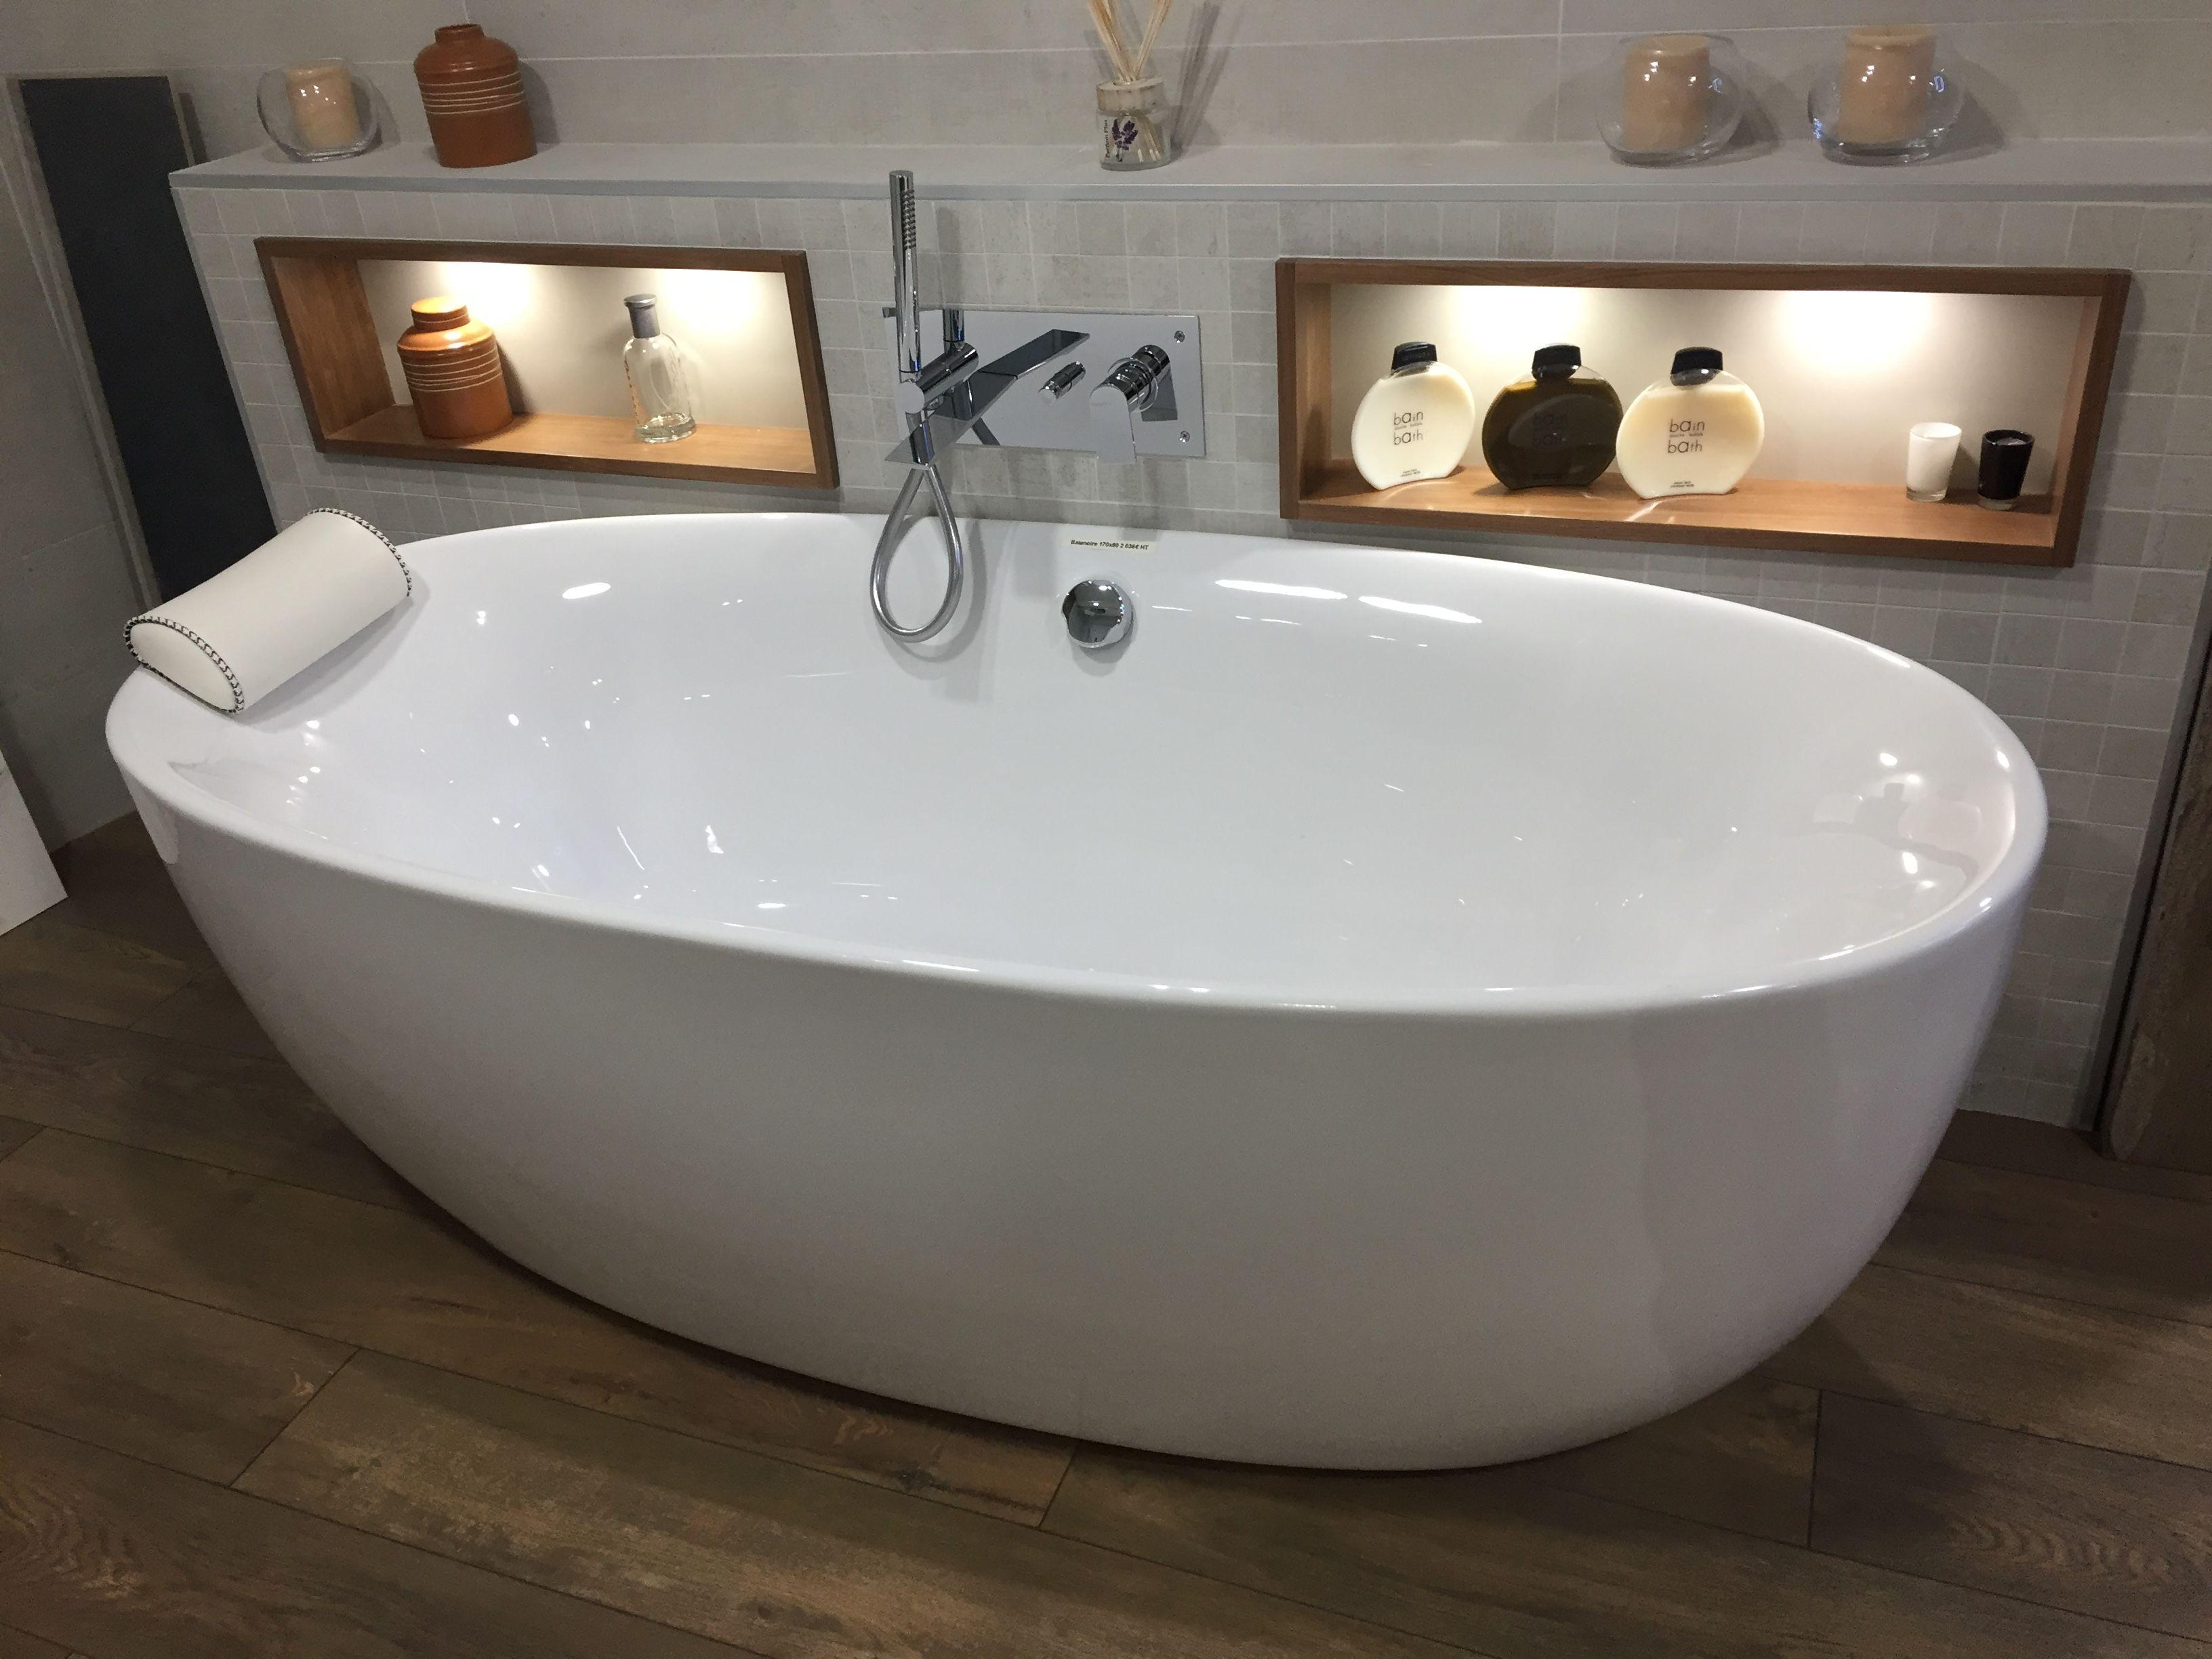 Banos Bild Von Ana Serrano Badezimmer Einrichtung Badezimmer Badewanne